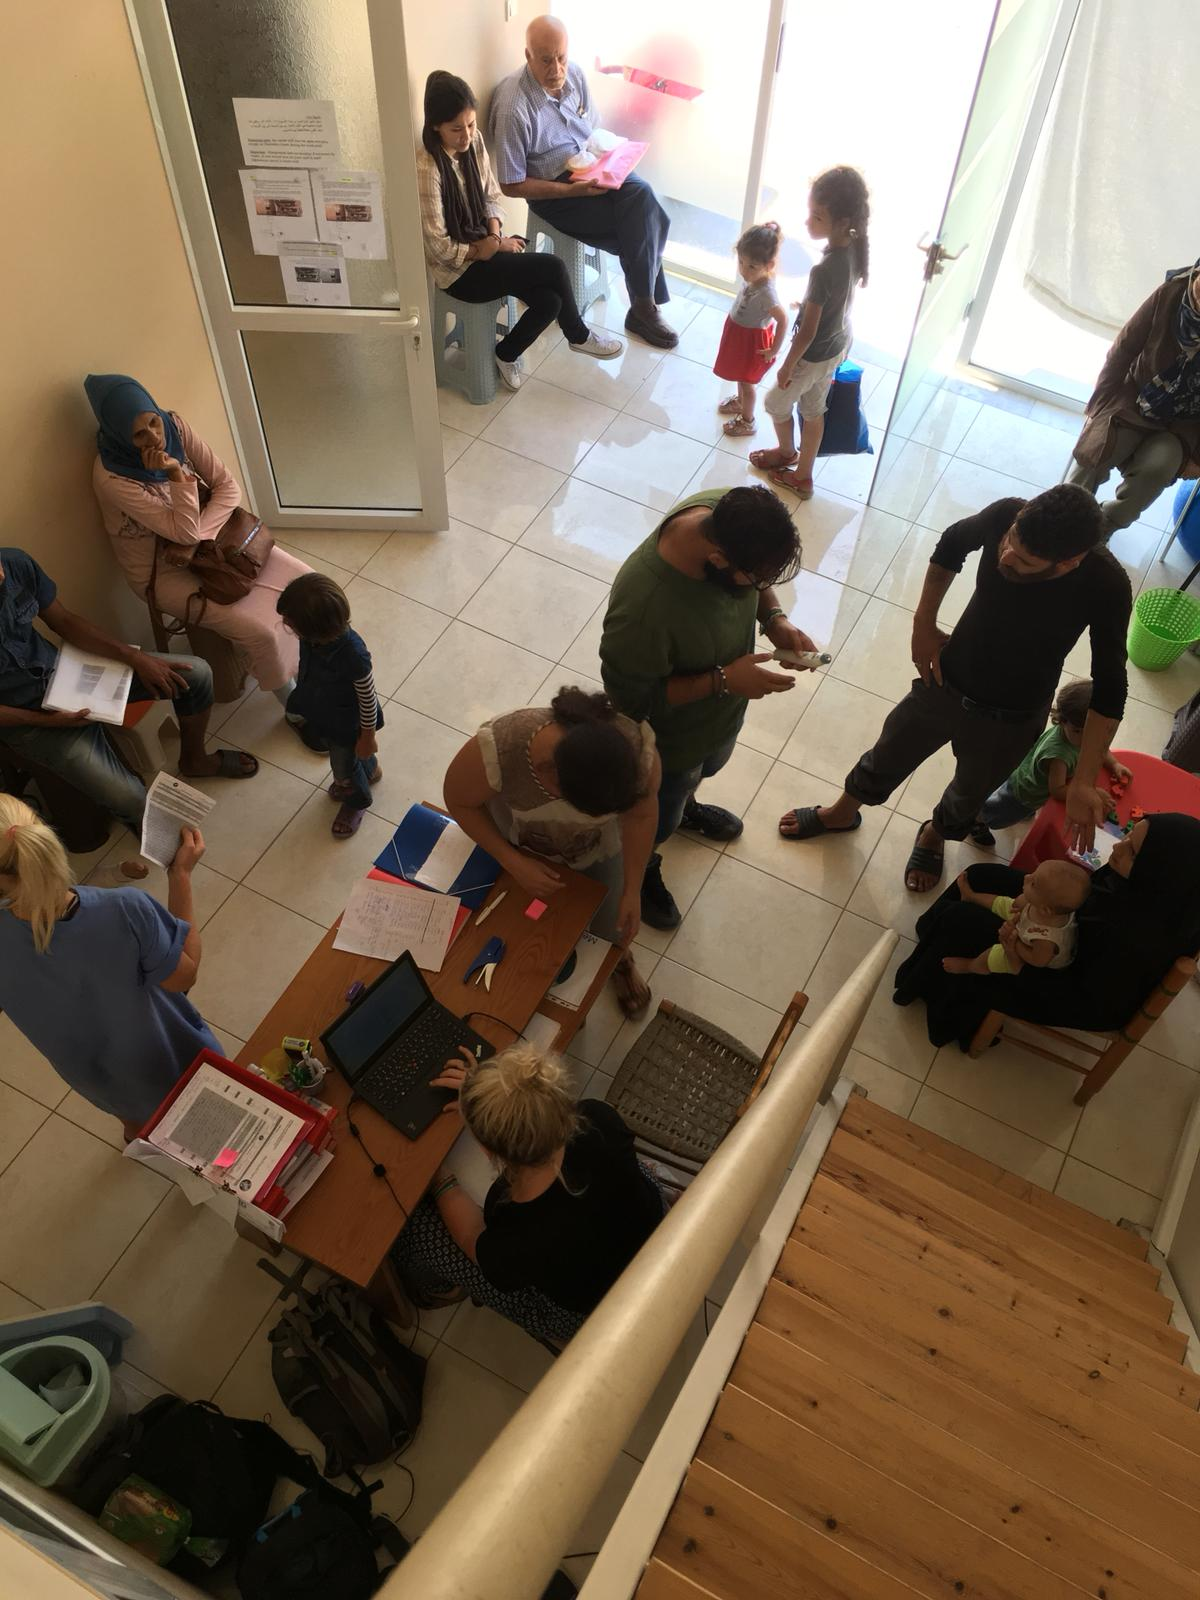 Medizischische Hilfe für Flüchtlinge in Samos - Med'EqualiTeam Paxis